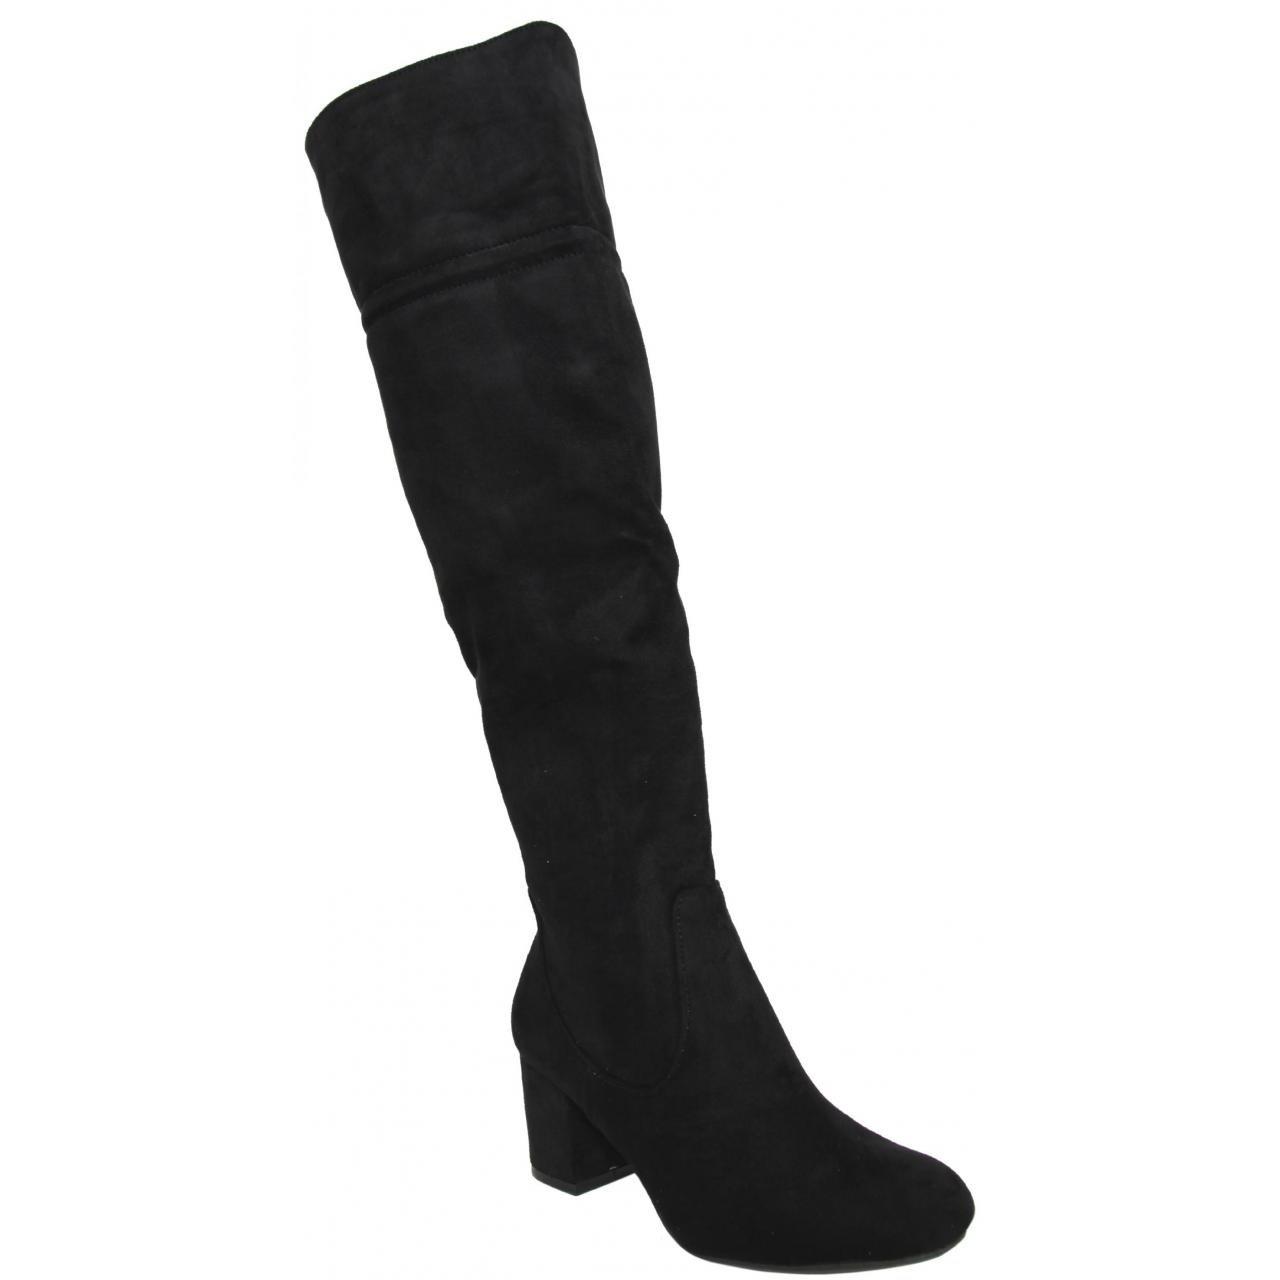 Antelina Noir Bottes 30670 Negro Femme Xti Pour p4q8wU